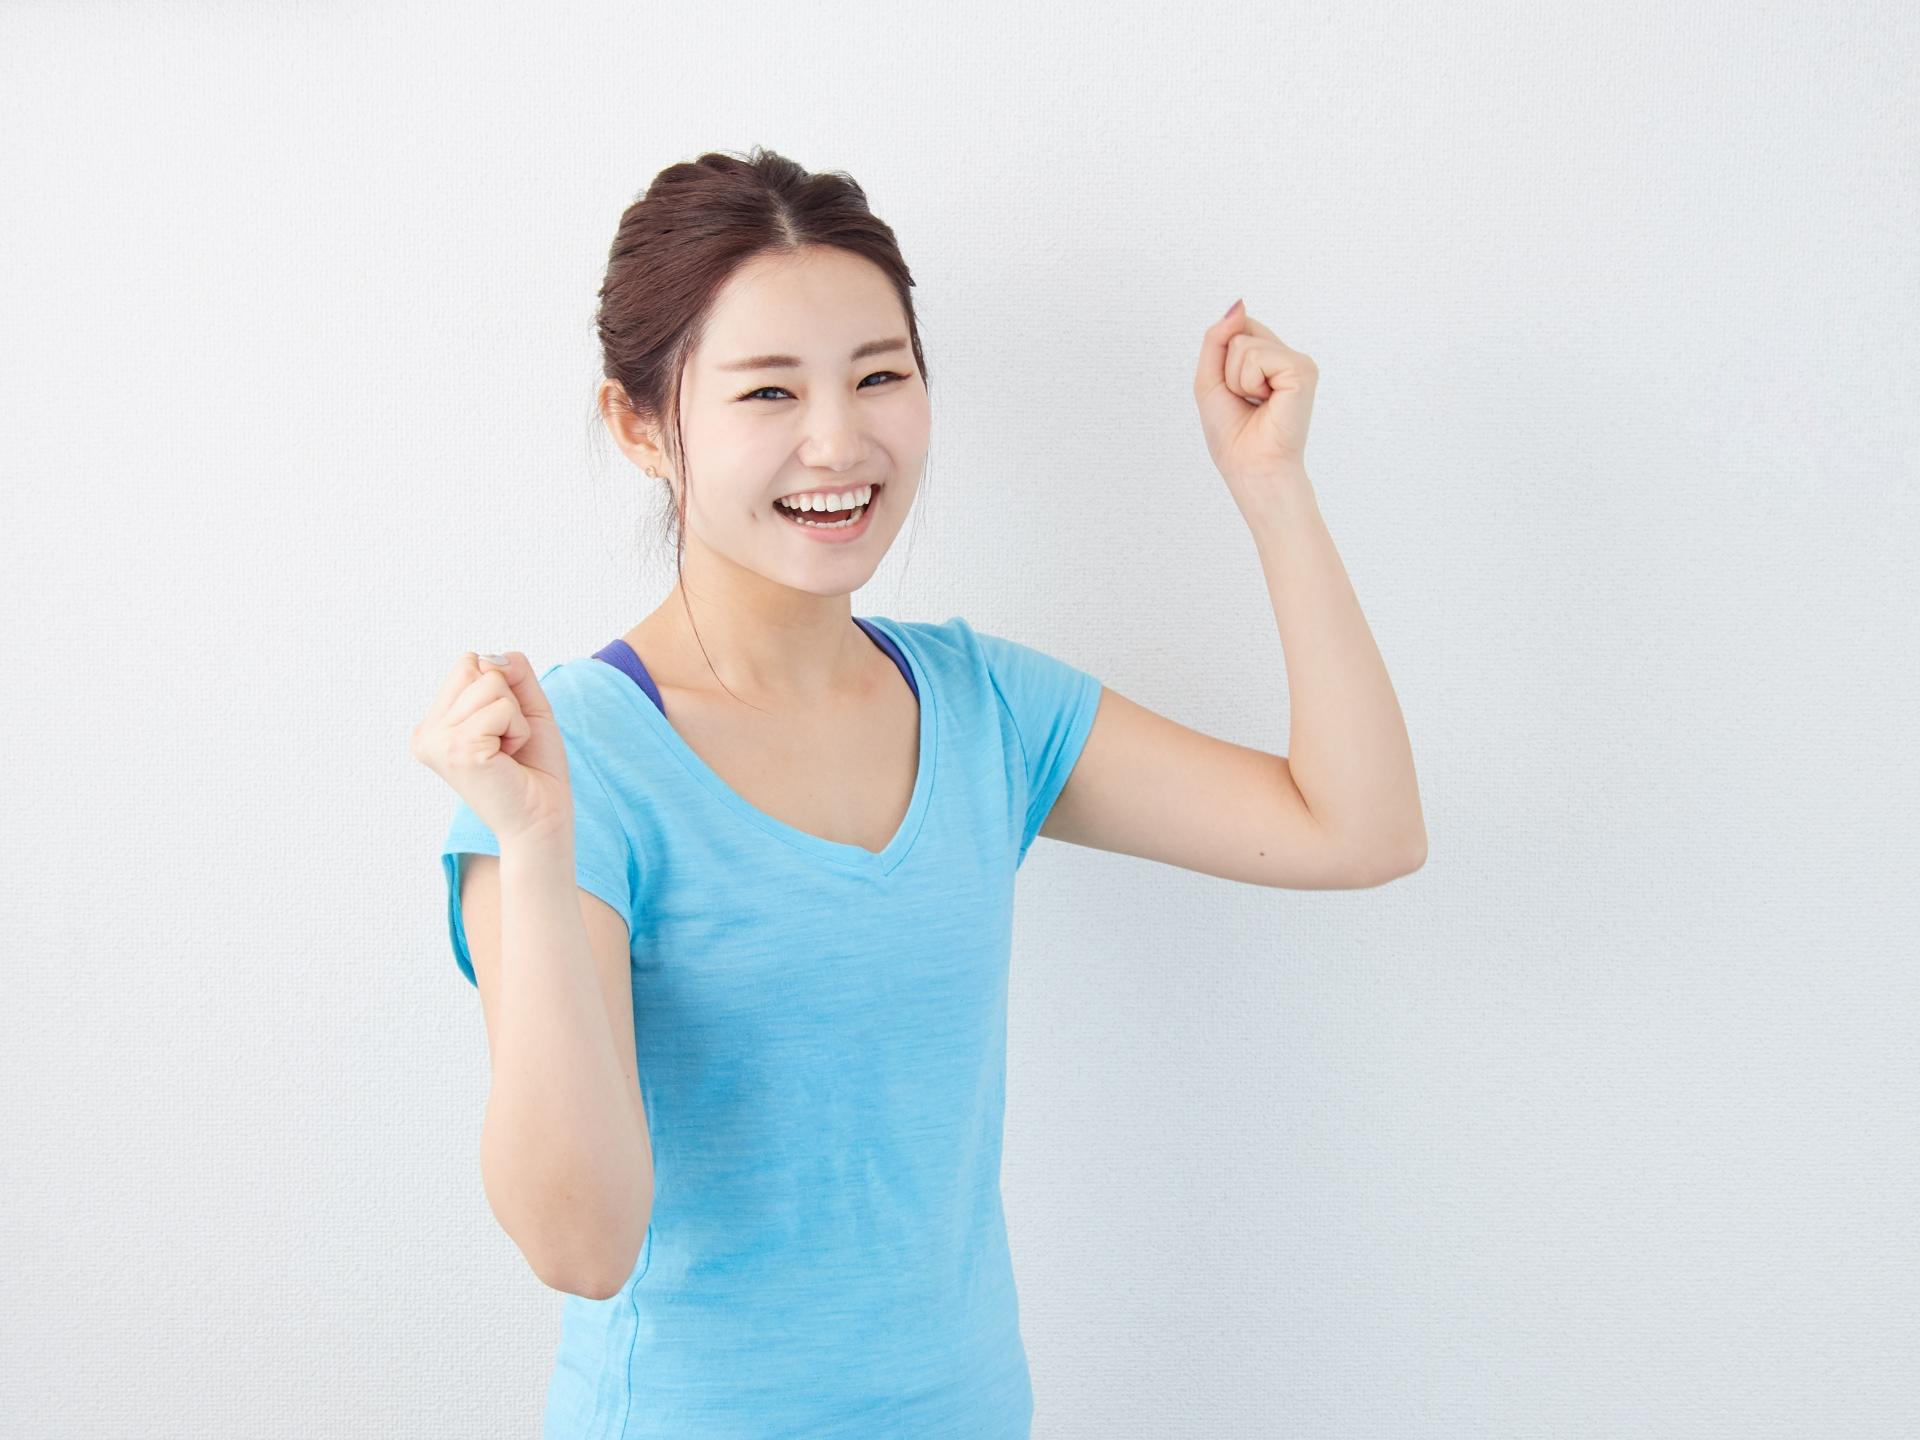 腰痛の予防に! 筋膜リリースの方法を解説